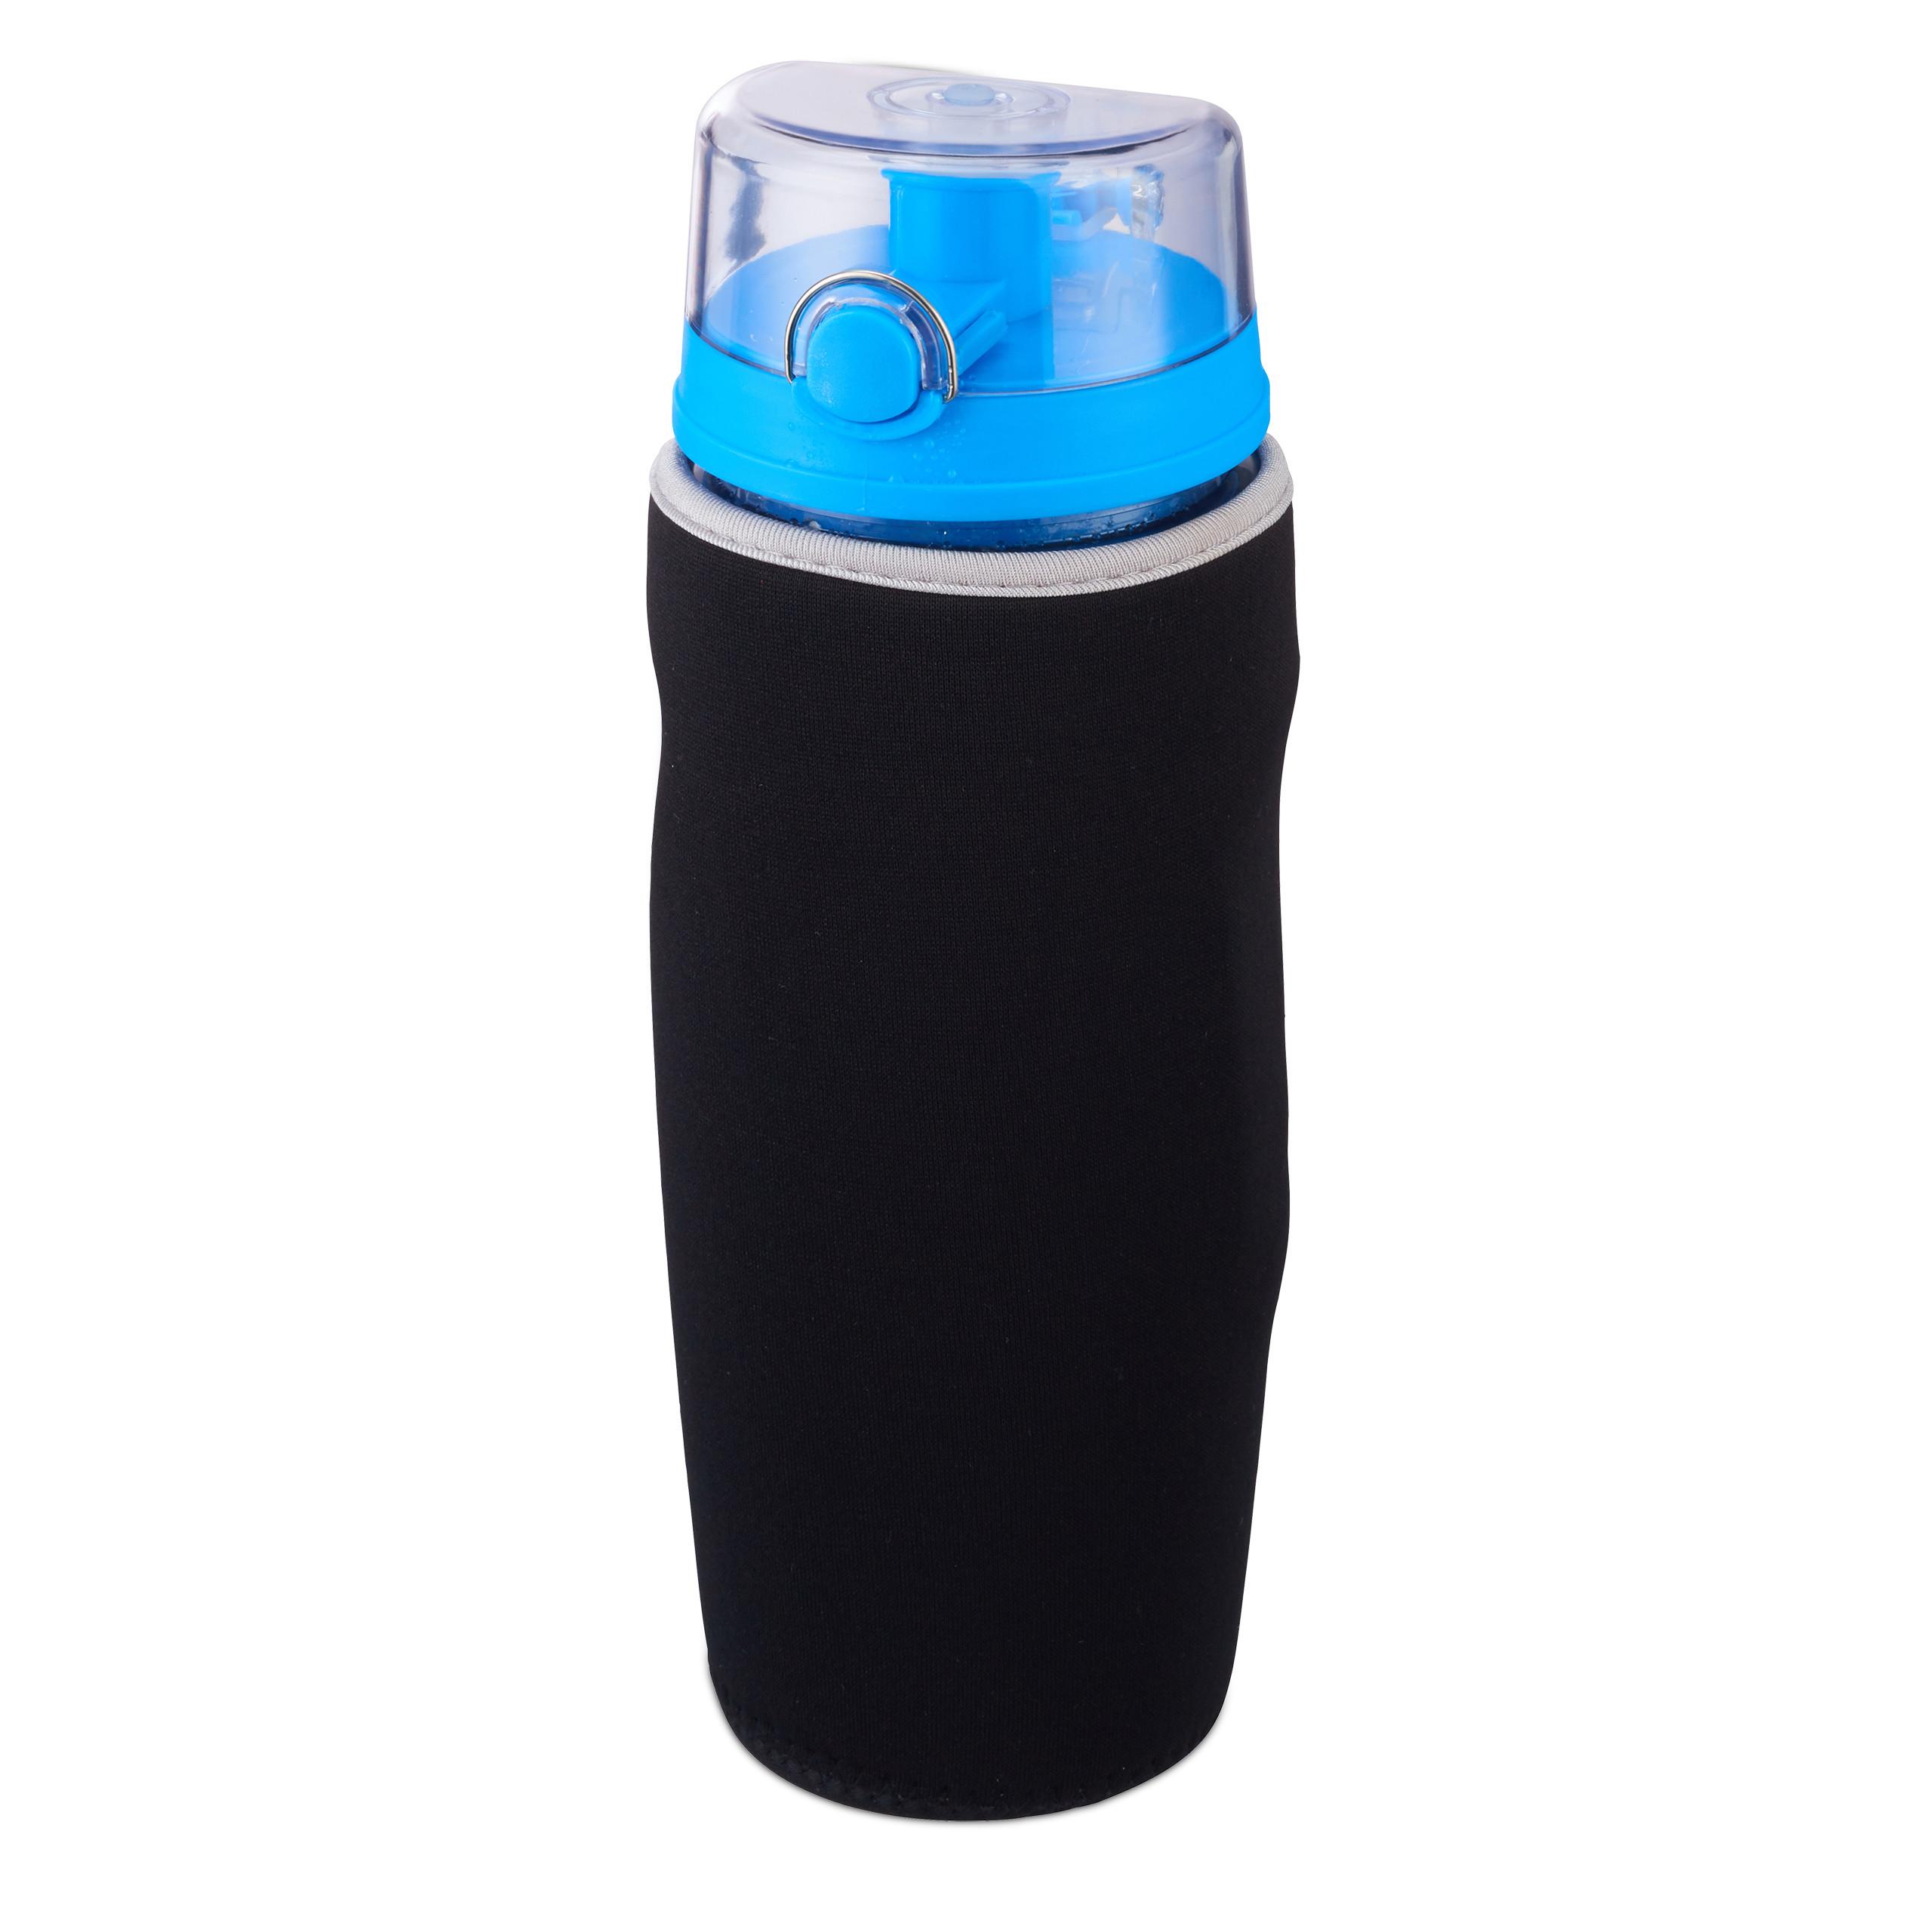 Indexbild 6 - 2 x Trinkflasche Obsteinsatz Infuser Trinkflasche Wasserflasche Infuser Bottle